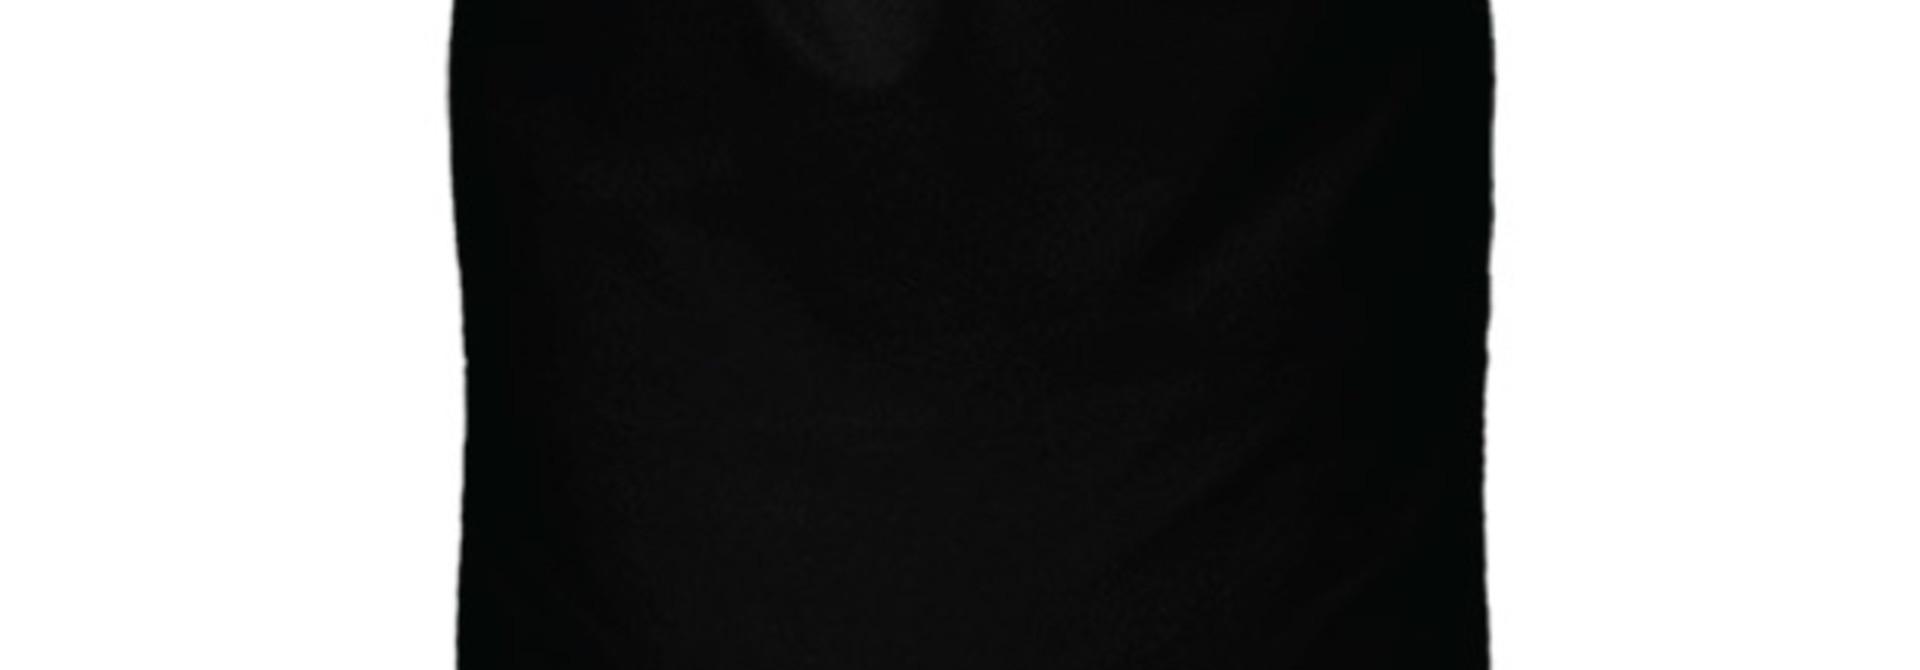 Cadeauzak zwart xl